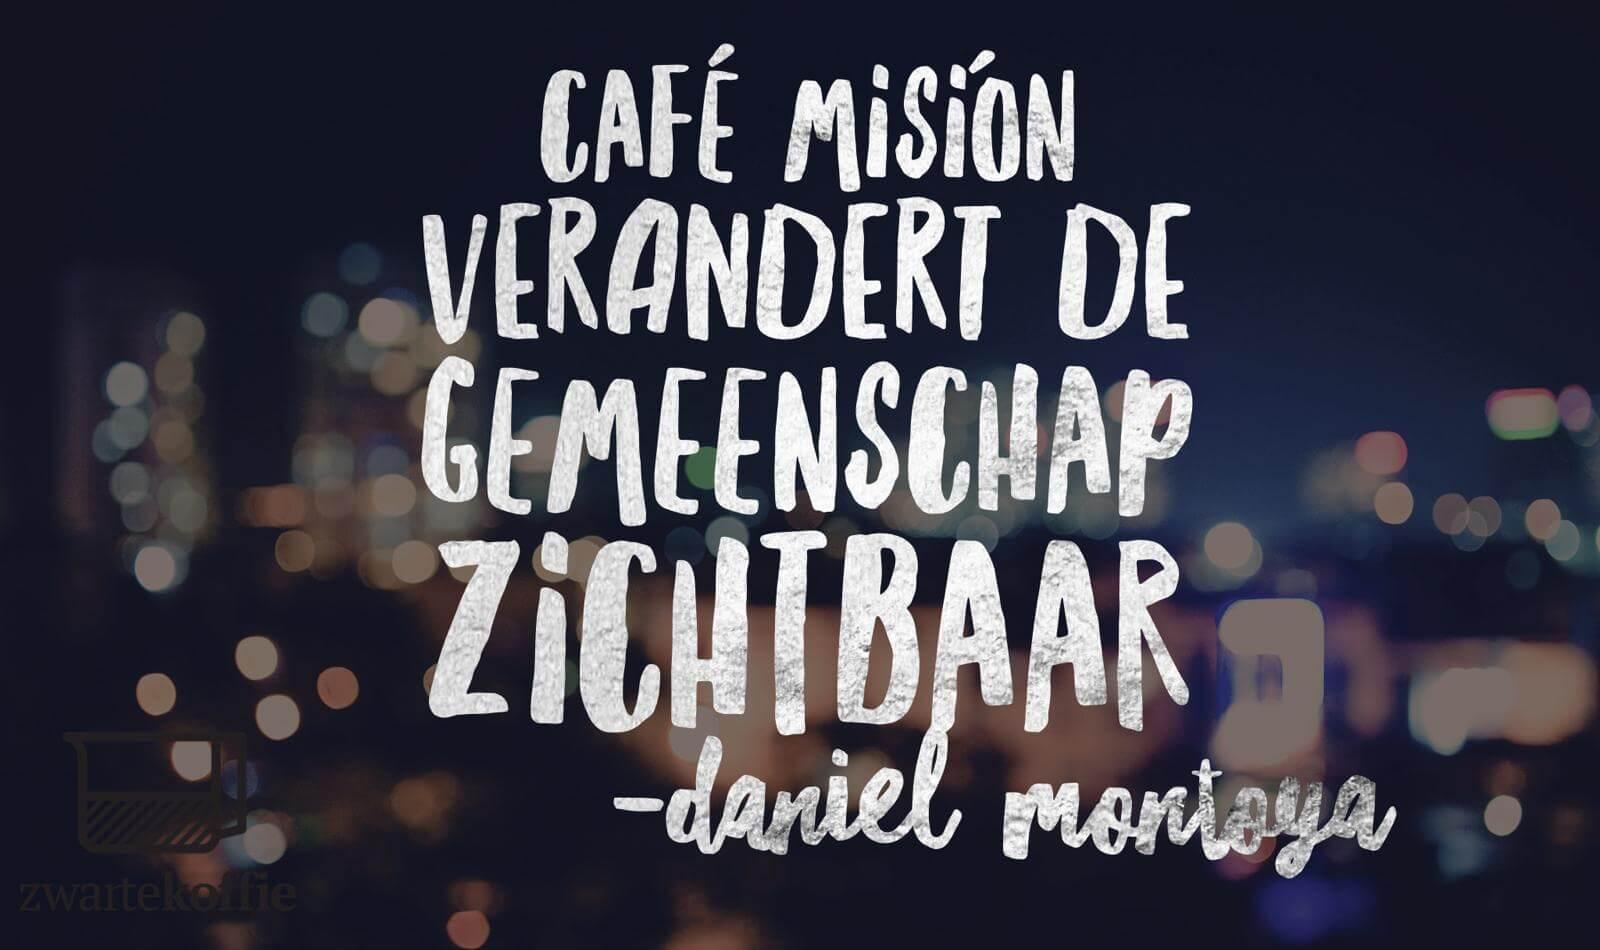 Café Misión verandert de gemeenschap met koffie zichtbaar | Zwartekoffie.nl